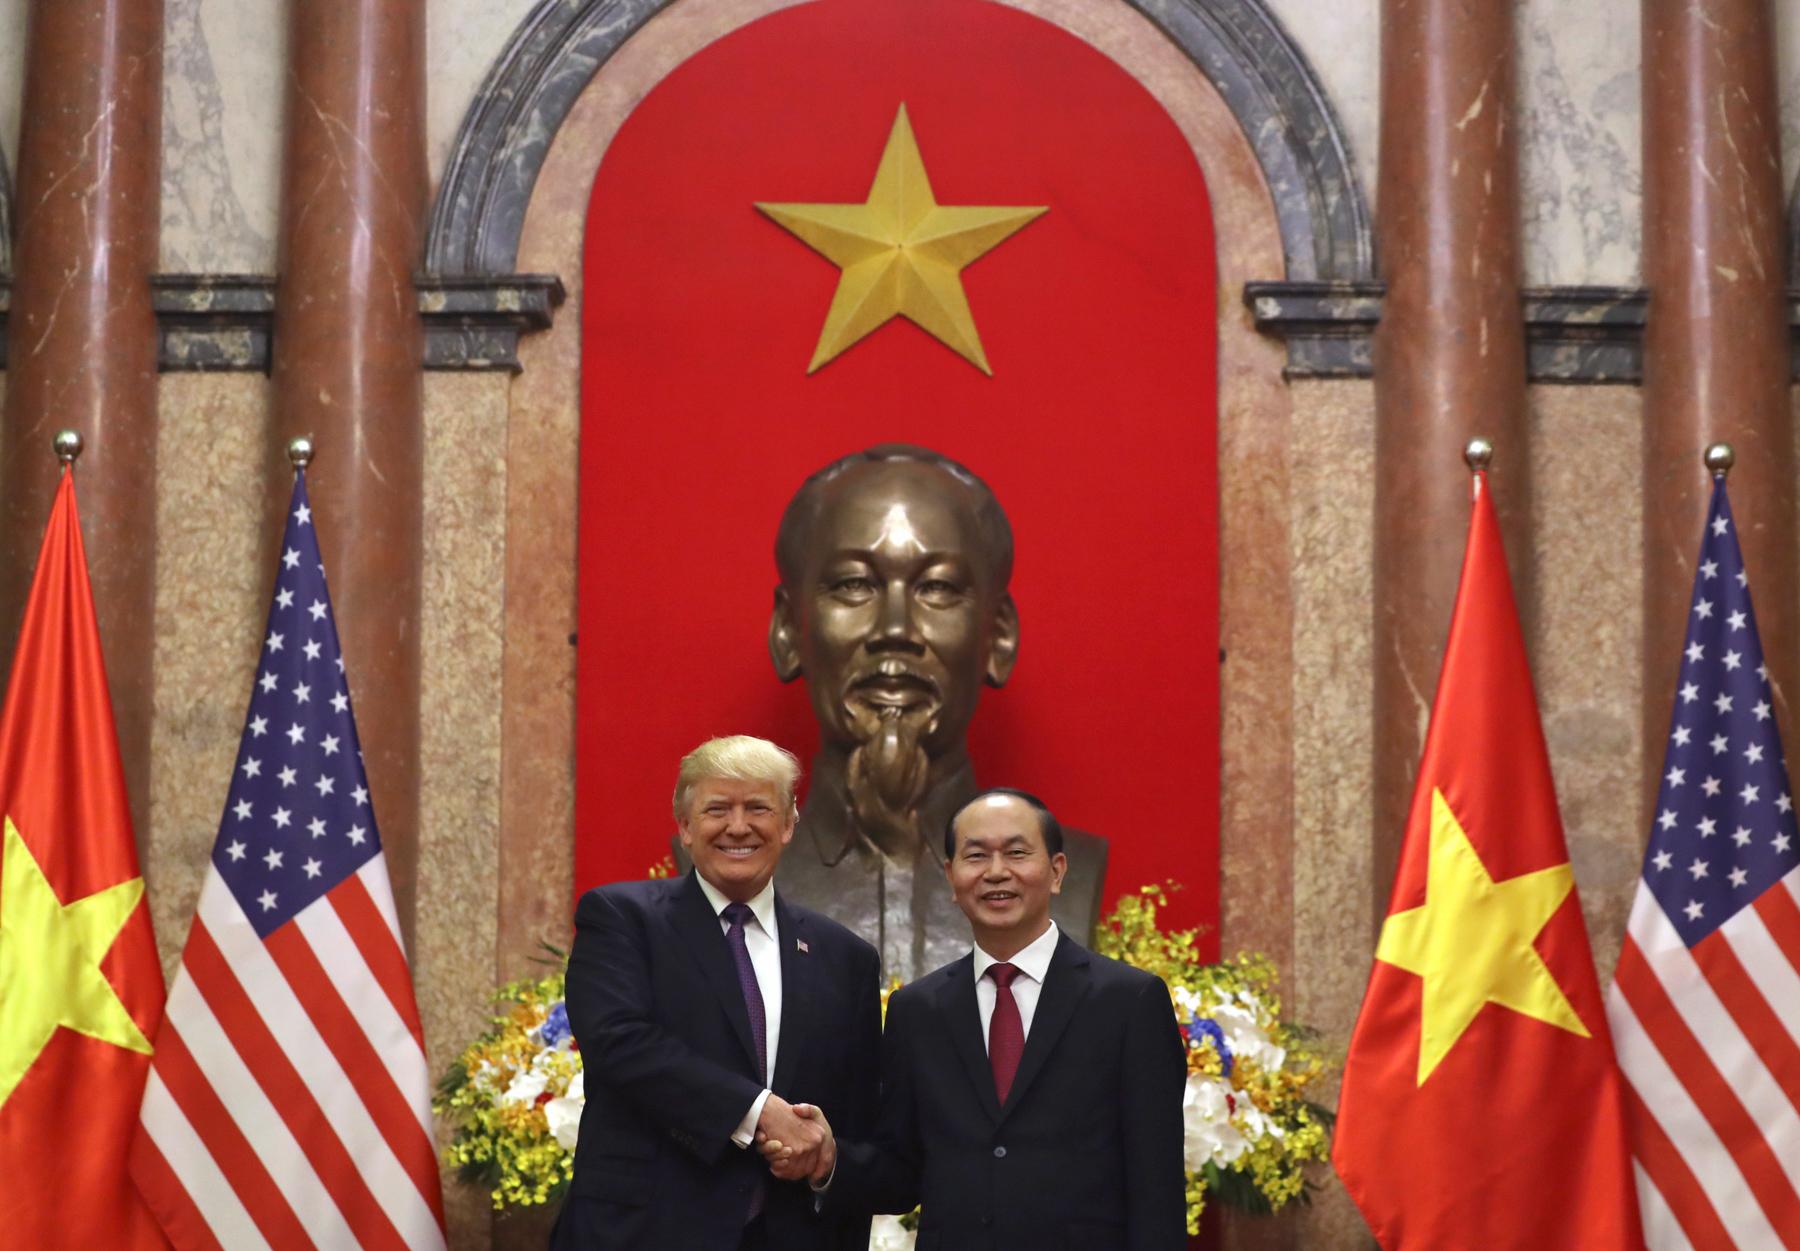 El presidente Trump y el presidente vietnamita Tran Dai Quang de pie frente a un busto de Ho Chi Minh (© AP Images)